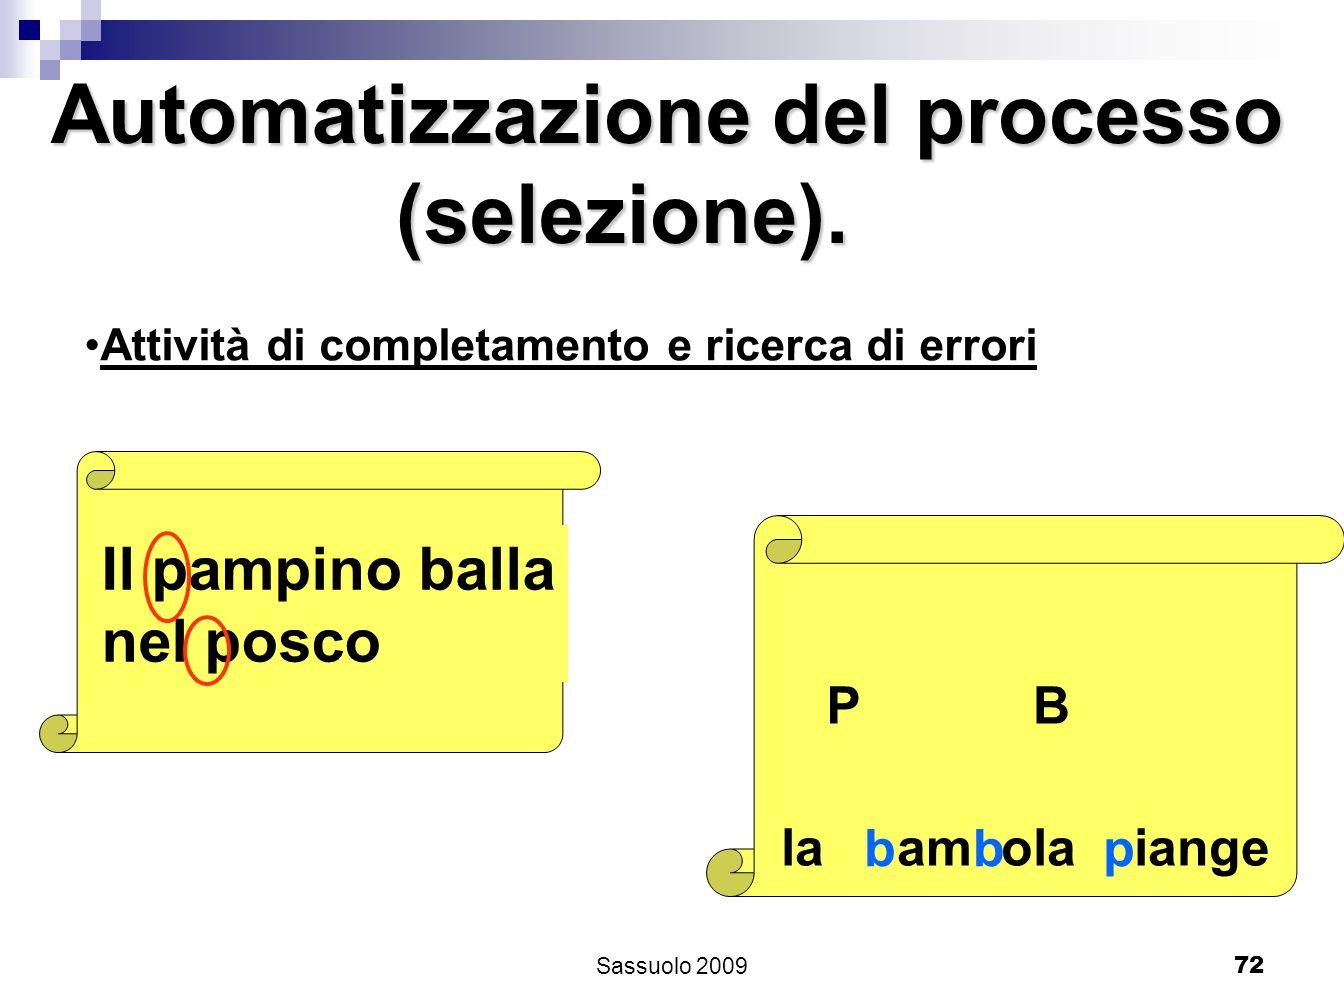 72 Attività di completamento e ricerca di errori Il pampino balla nel posco PB la am ola iange bbp Automatizzazione del processo (selezione). (selezio